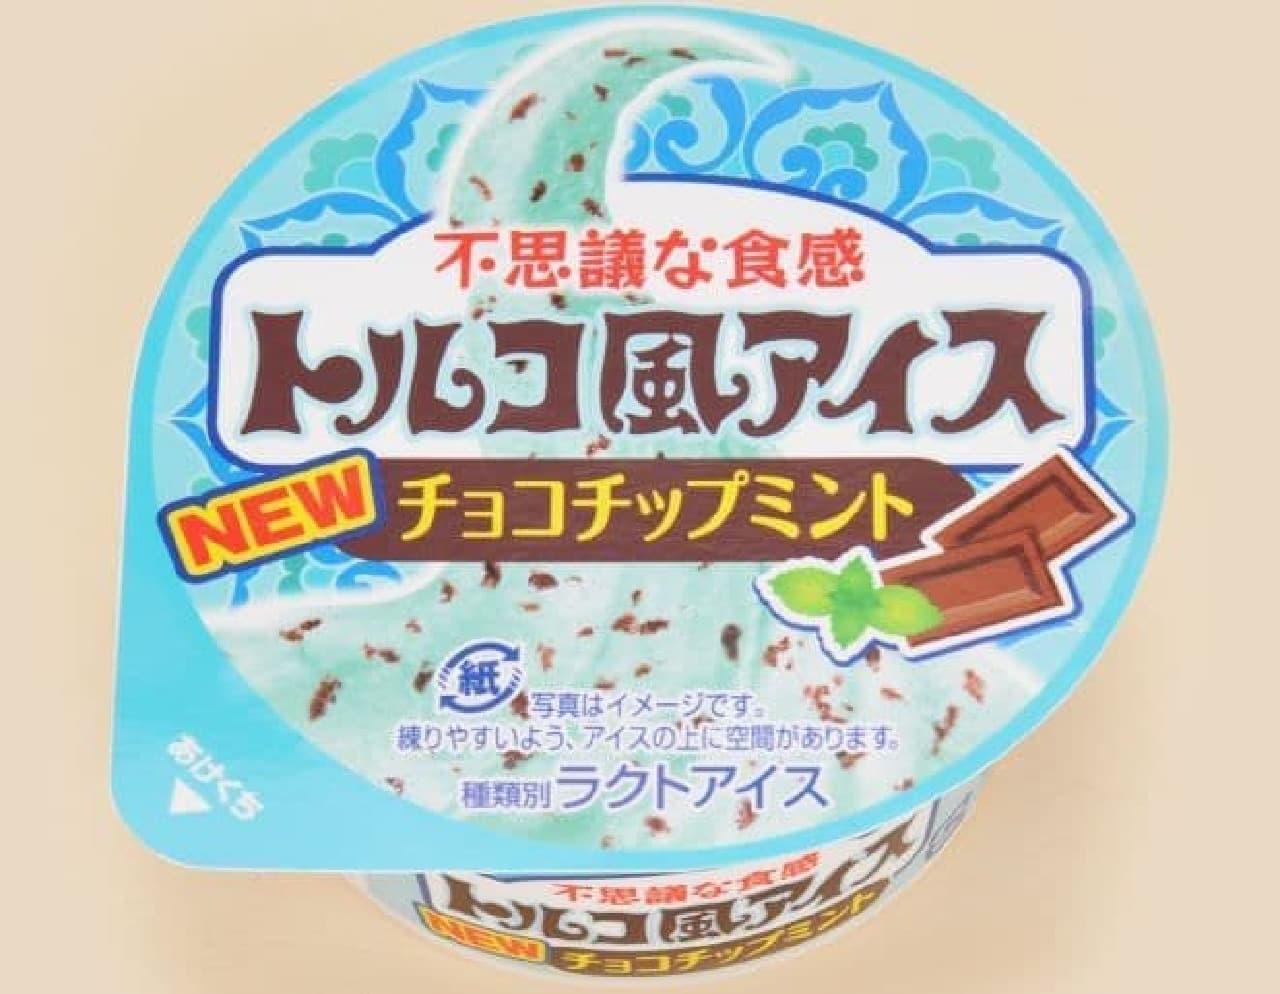 ファミマ「トルコ風アイス チョコチップミント」